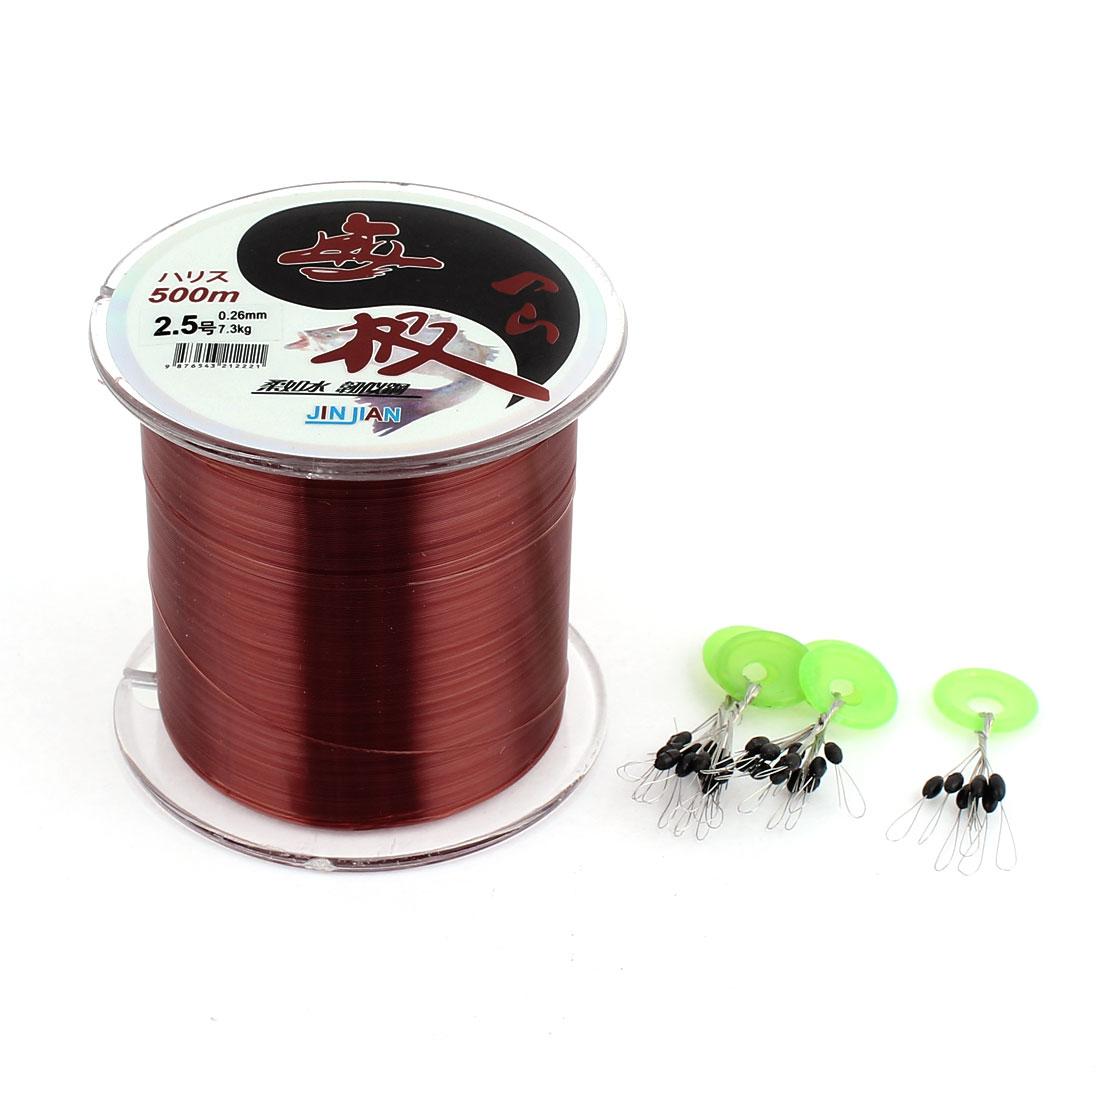 Unique Bargains 547Yds 500M 0.26mm 20 lbs Nylon Spool Fishing Line by